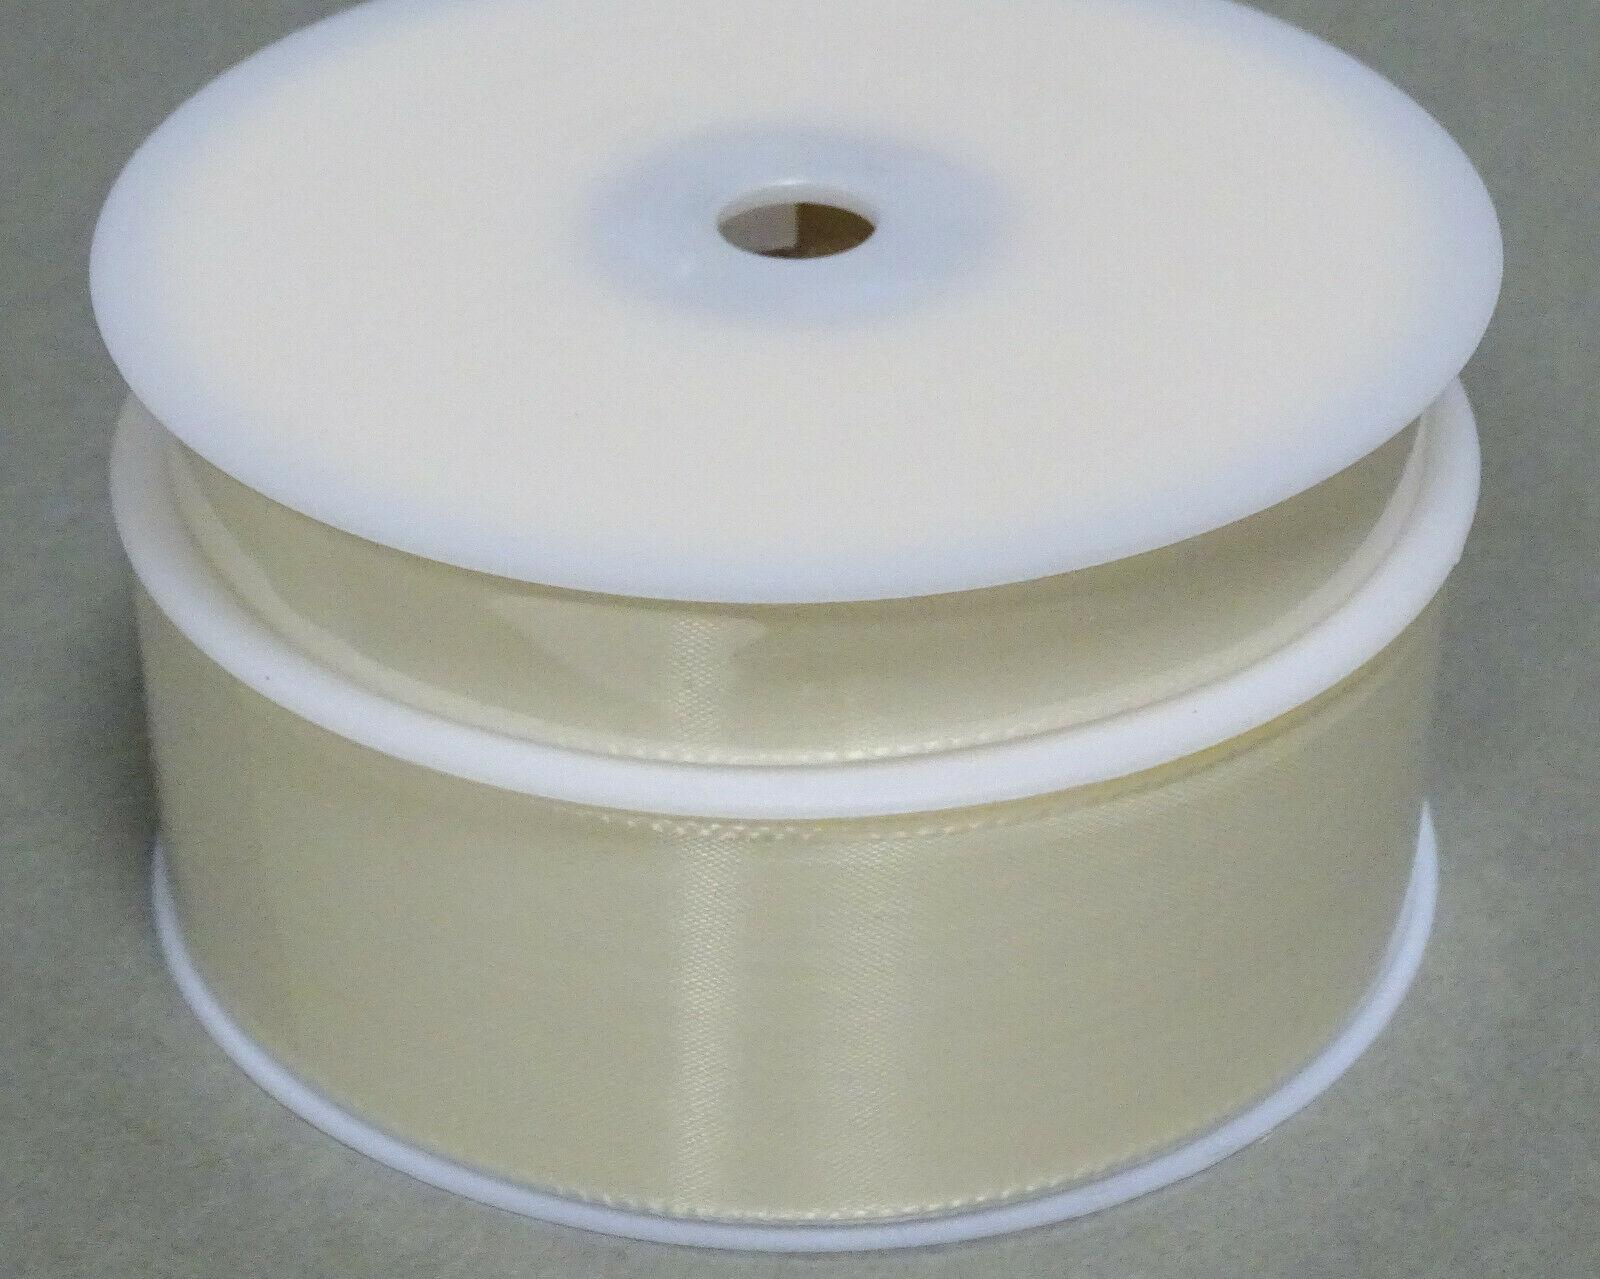 Seidenband Schleifenband 50 m x 15 / 25 / 40mm Dekoband ab 0,08€/m Geschenkband  - Elfenbein 202, 25 mm x 50 m